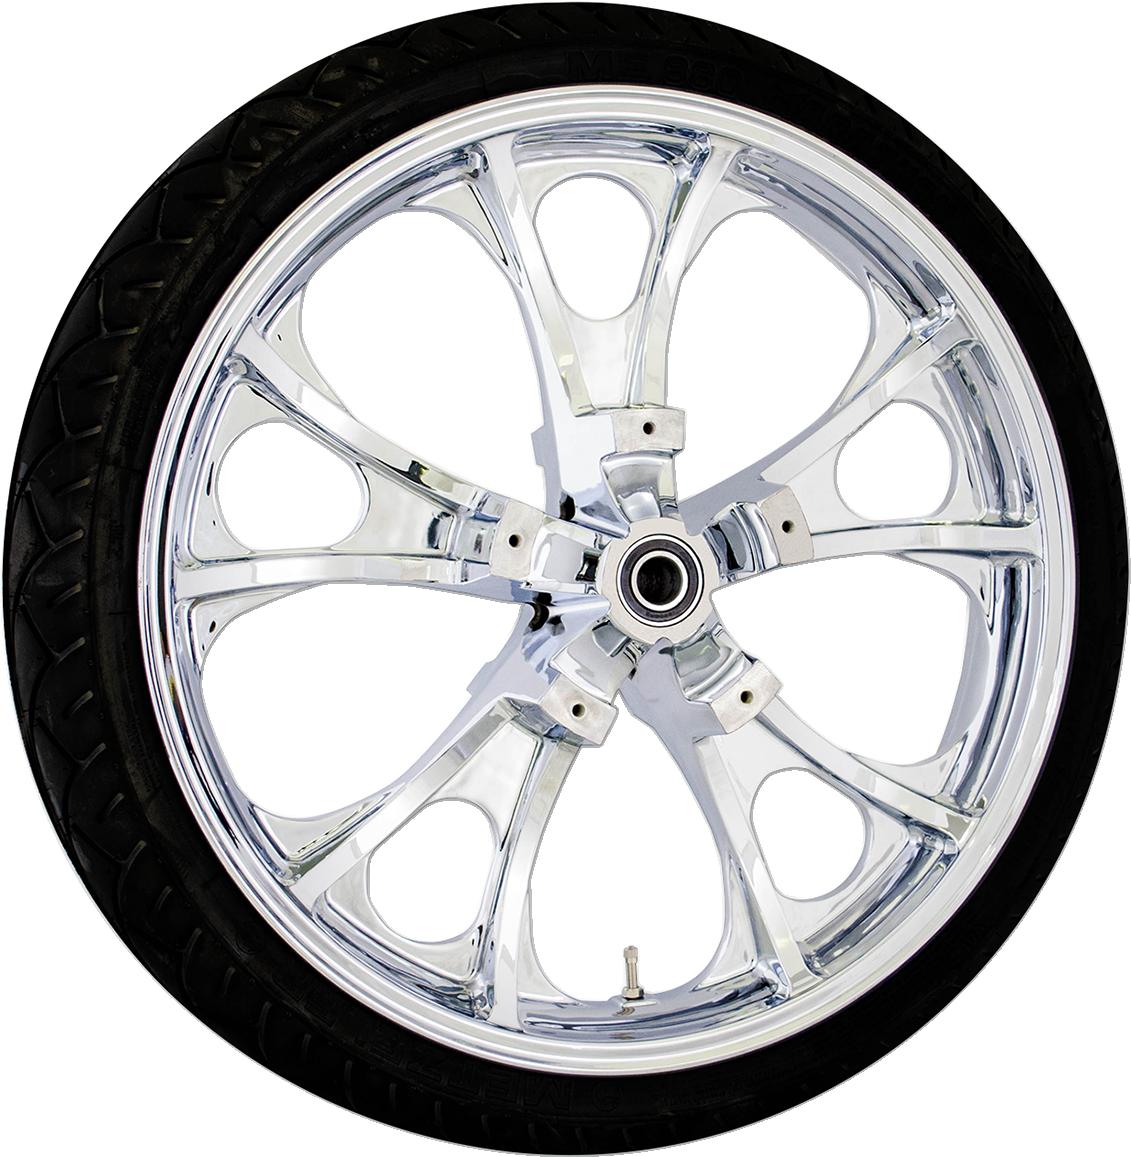 Coastal Moto Chrome Largo non ABS Front Tire & Wheel for 08-18- Harley Touring